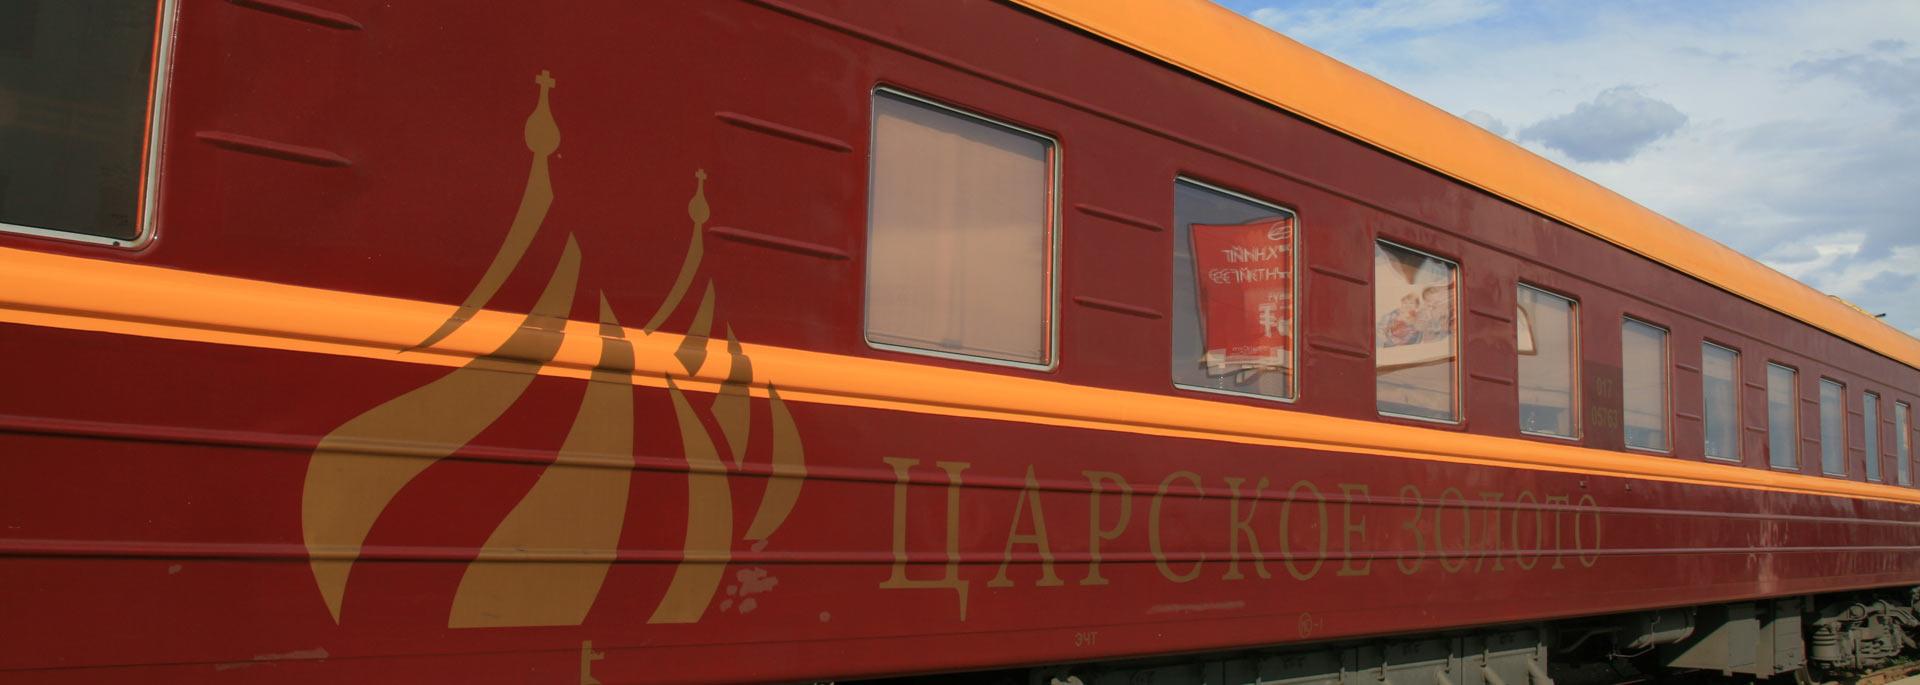 Wie ich mich auf eine Reise auf der Transsibirischen Eisenbahn vorbereite